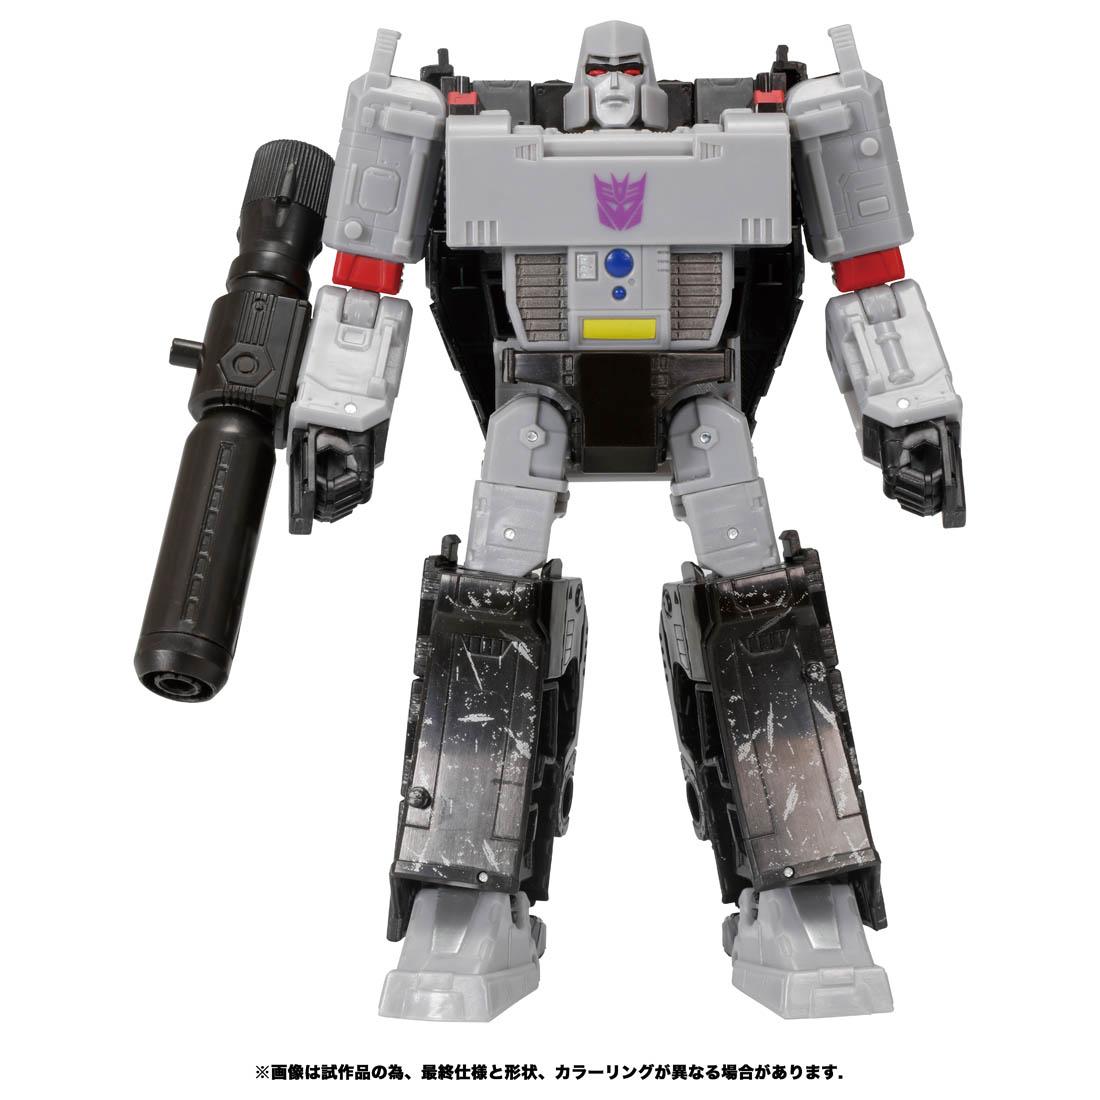 トランスフォーマー アースライズ『ER-13 メガトロン』可変可動フィギュア-004